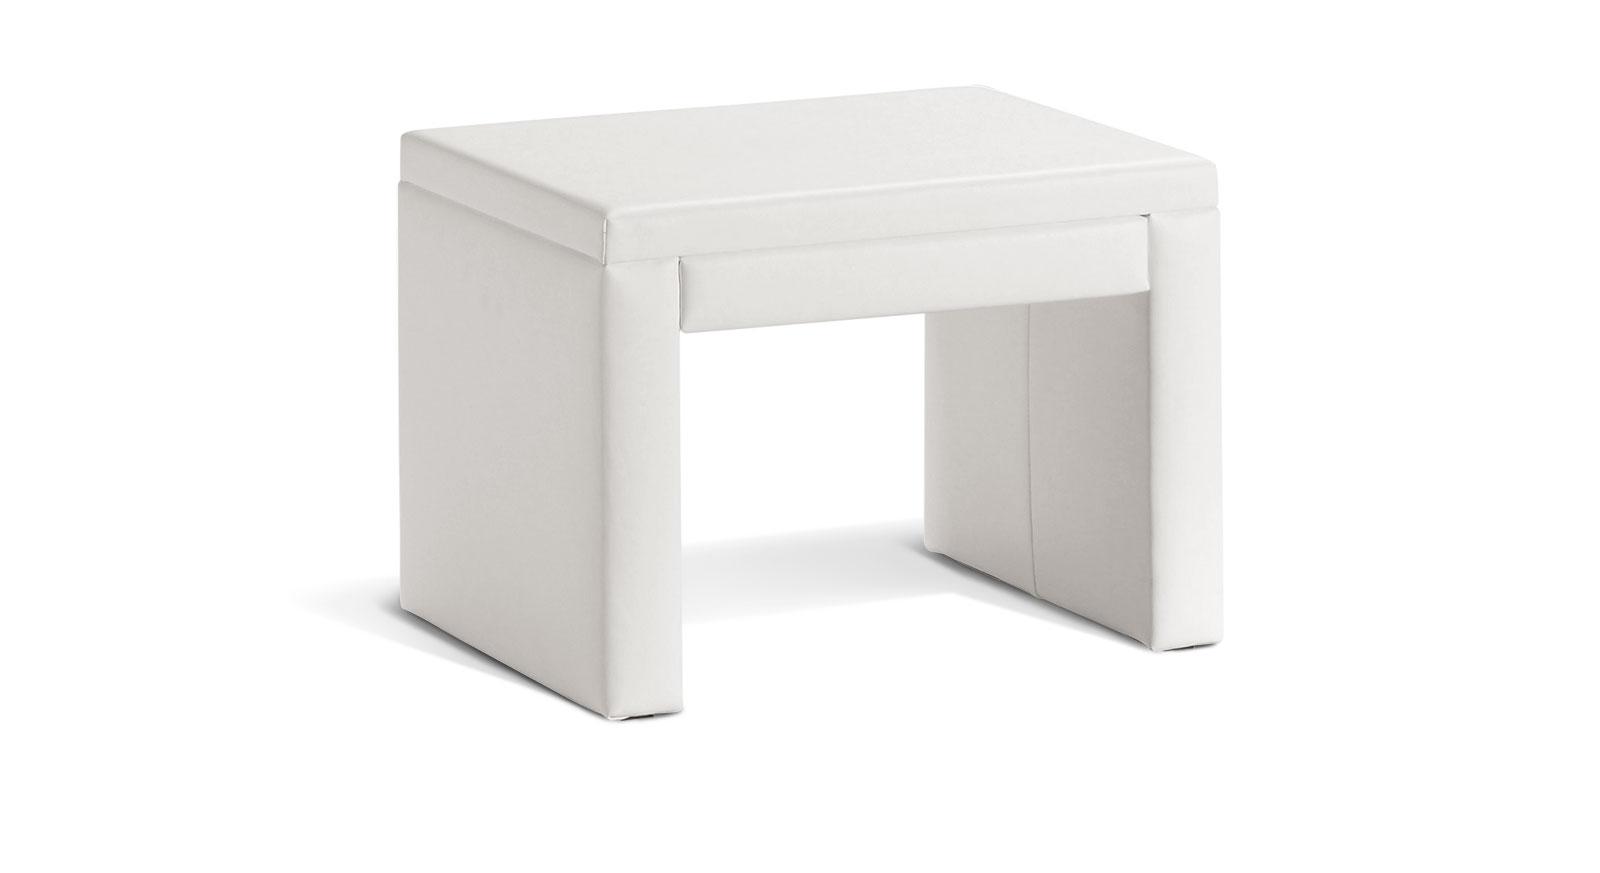 Nachttisch Marim aus weißem Echtleder